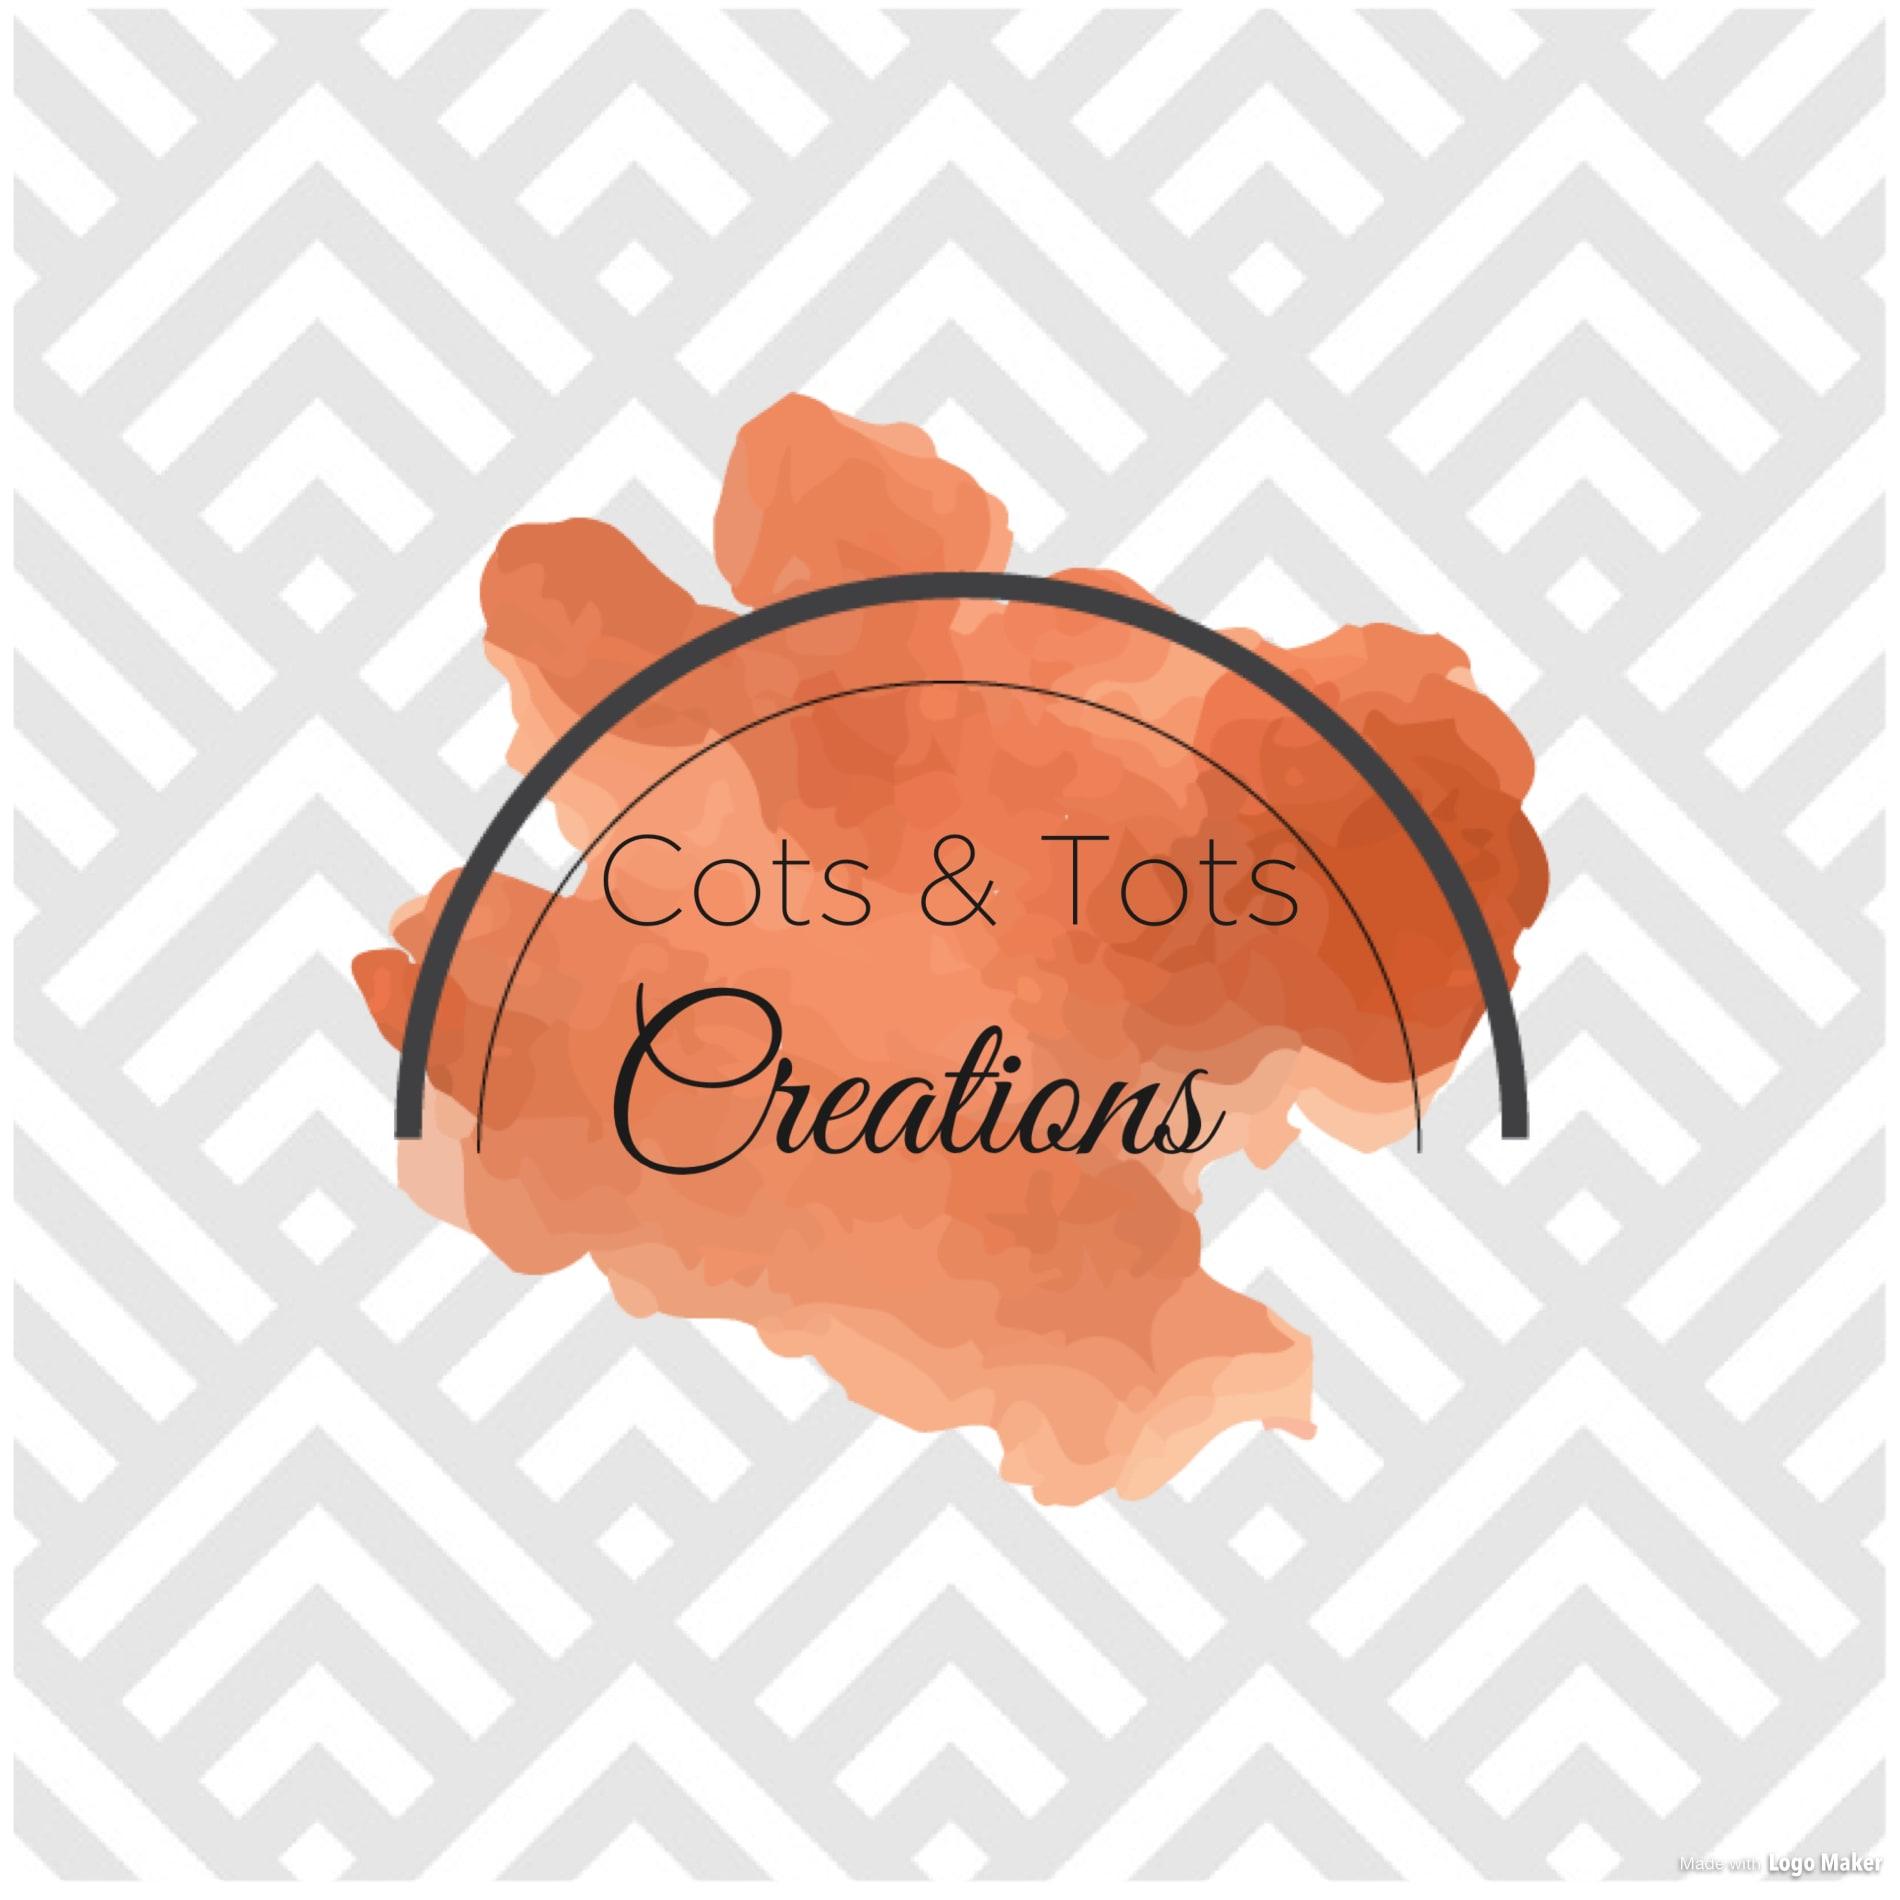 Cots & Tots Creations